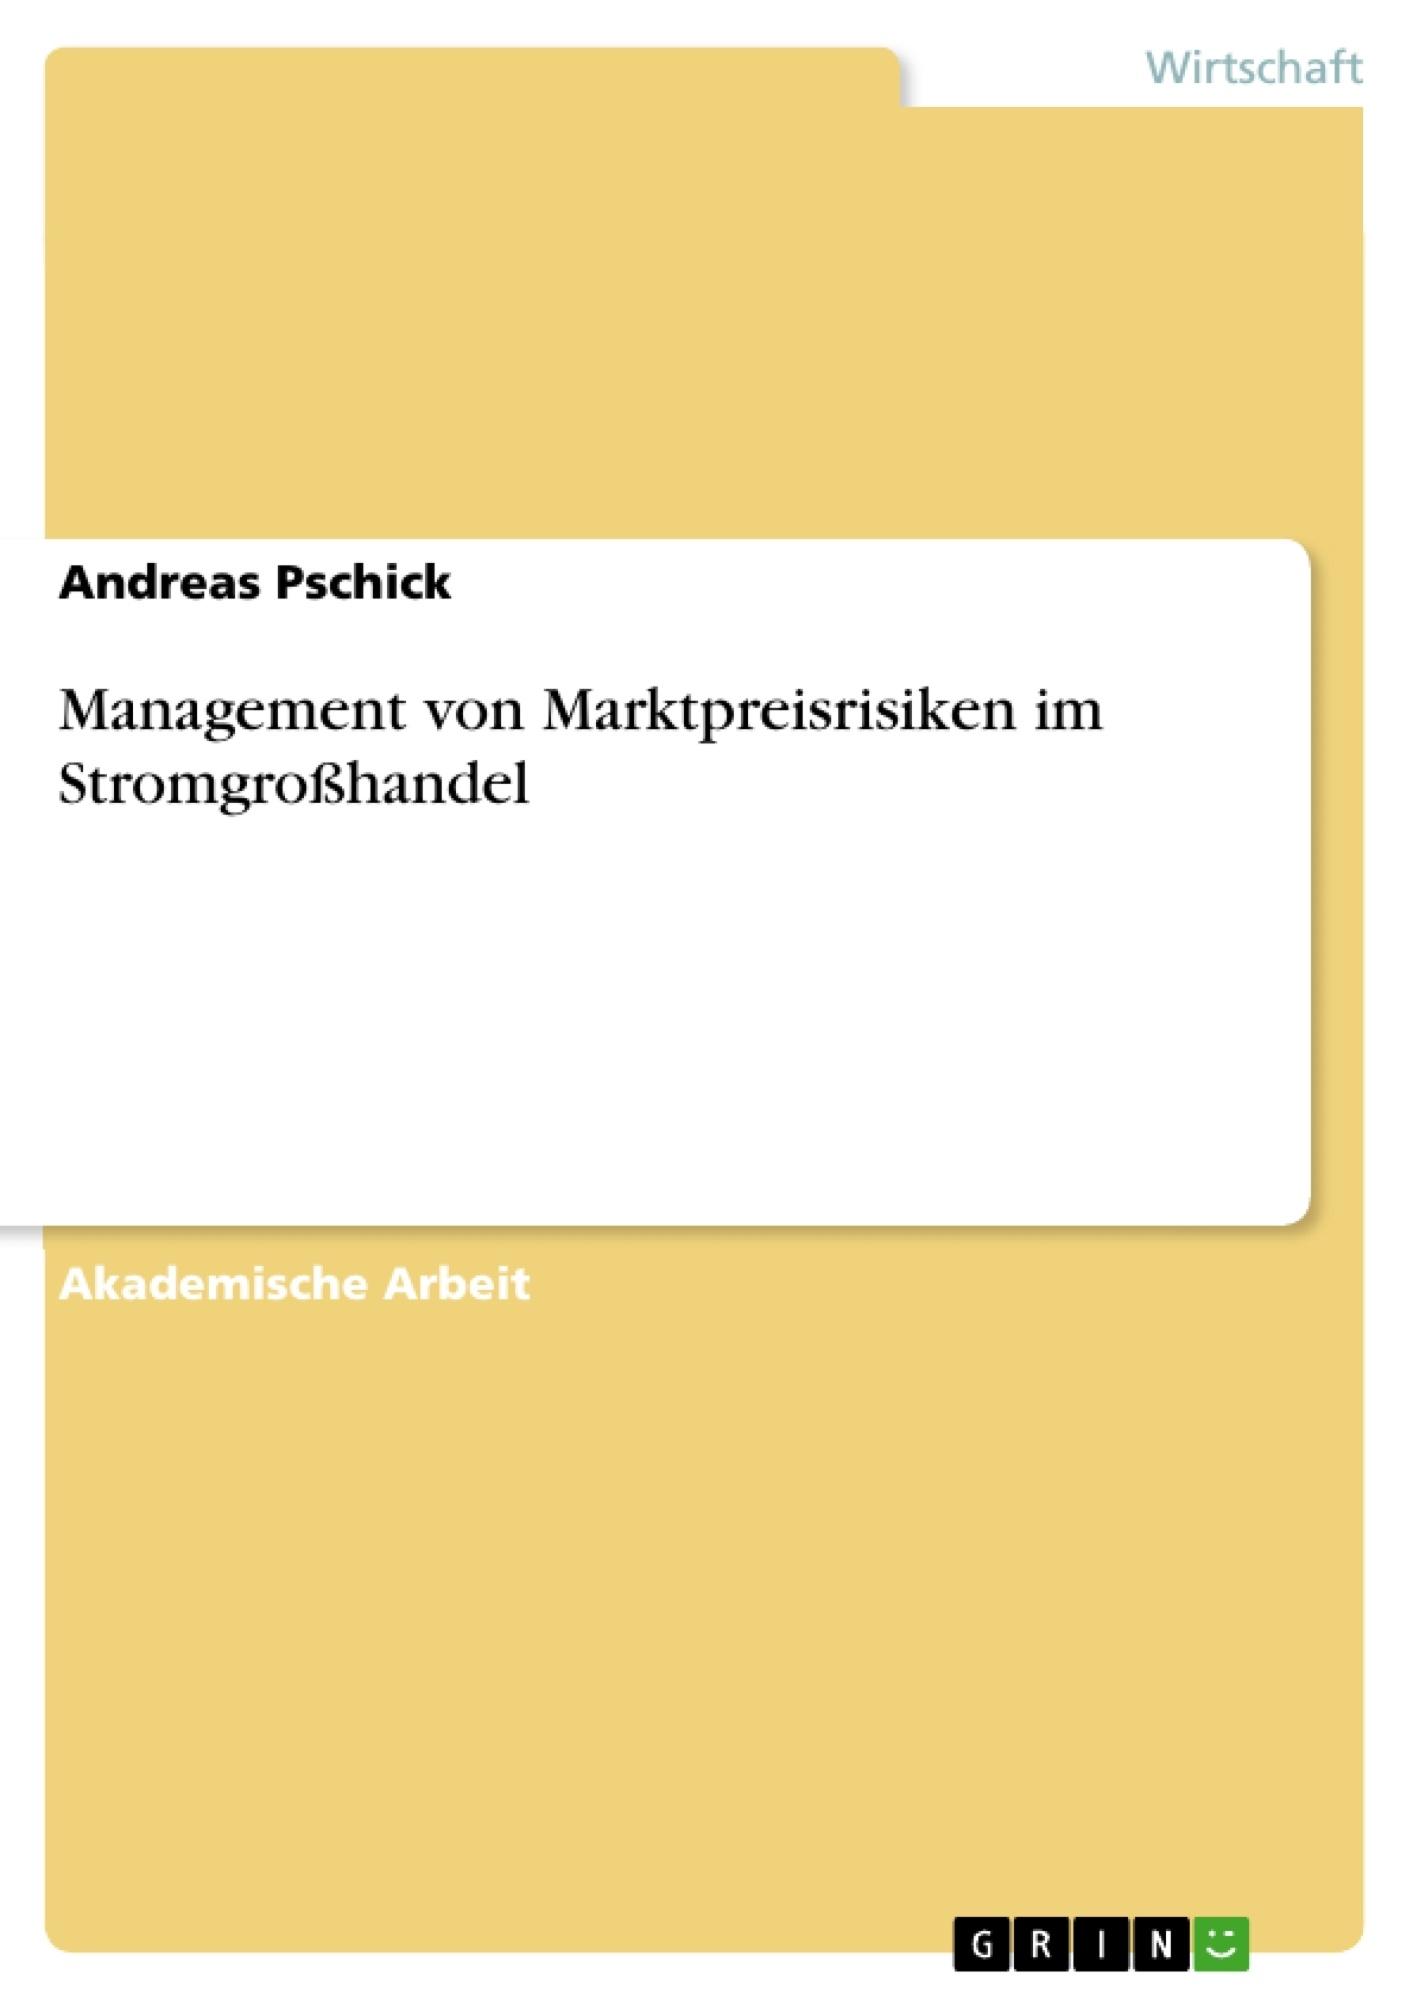 Titel: Management von Marktpreisrisiken im Stromgroßhandel